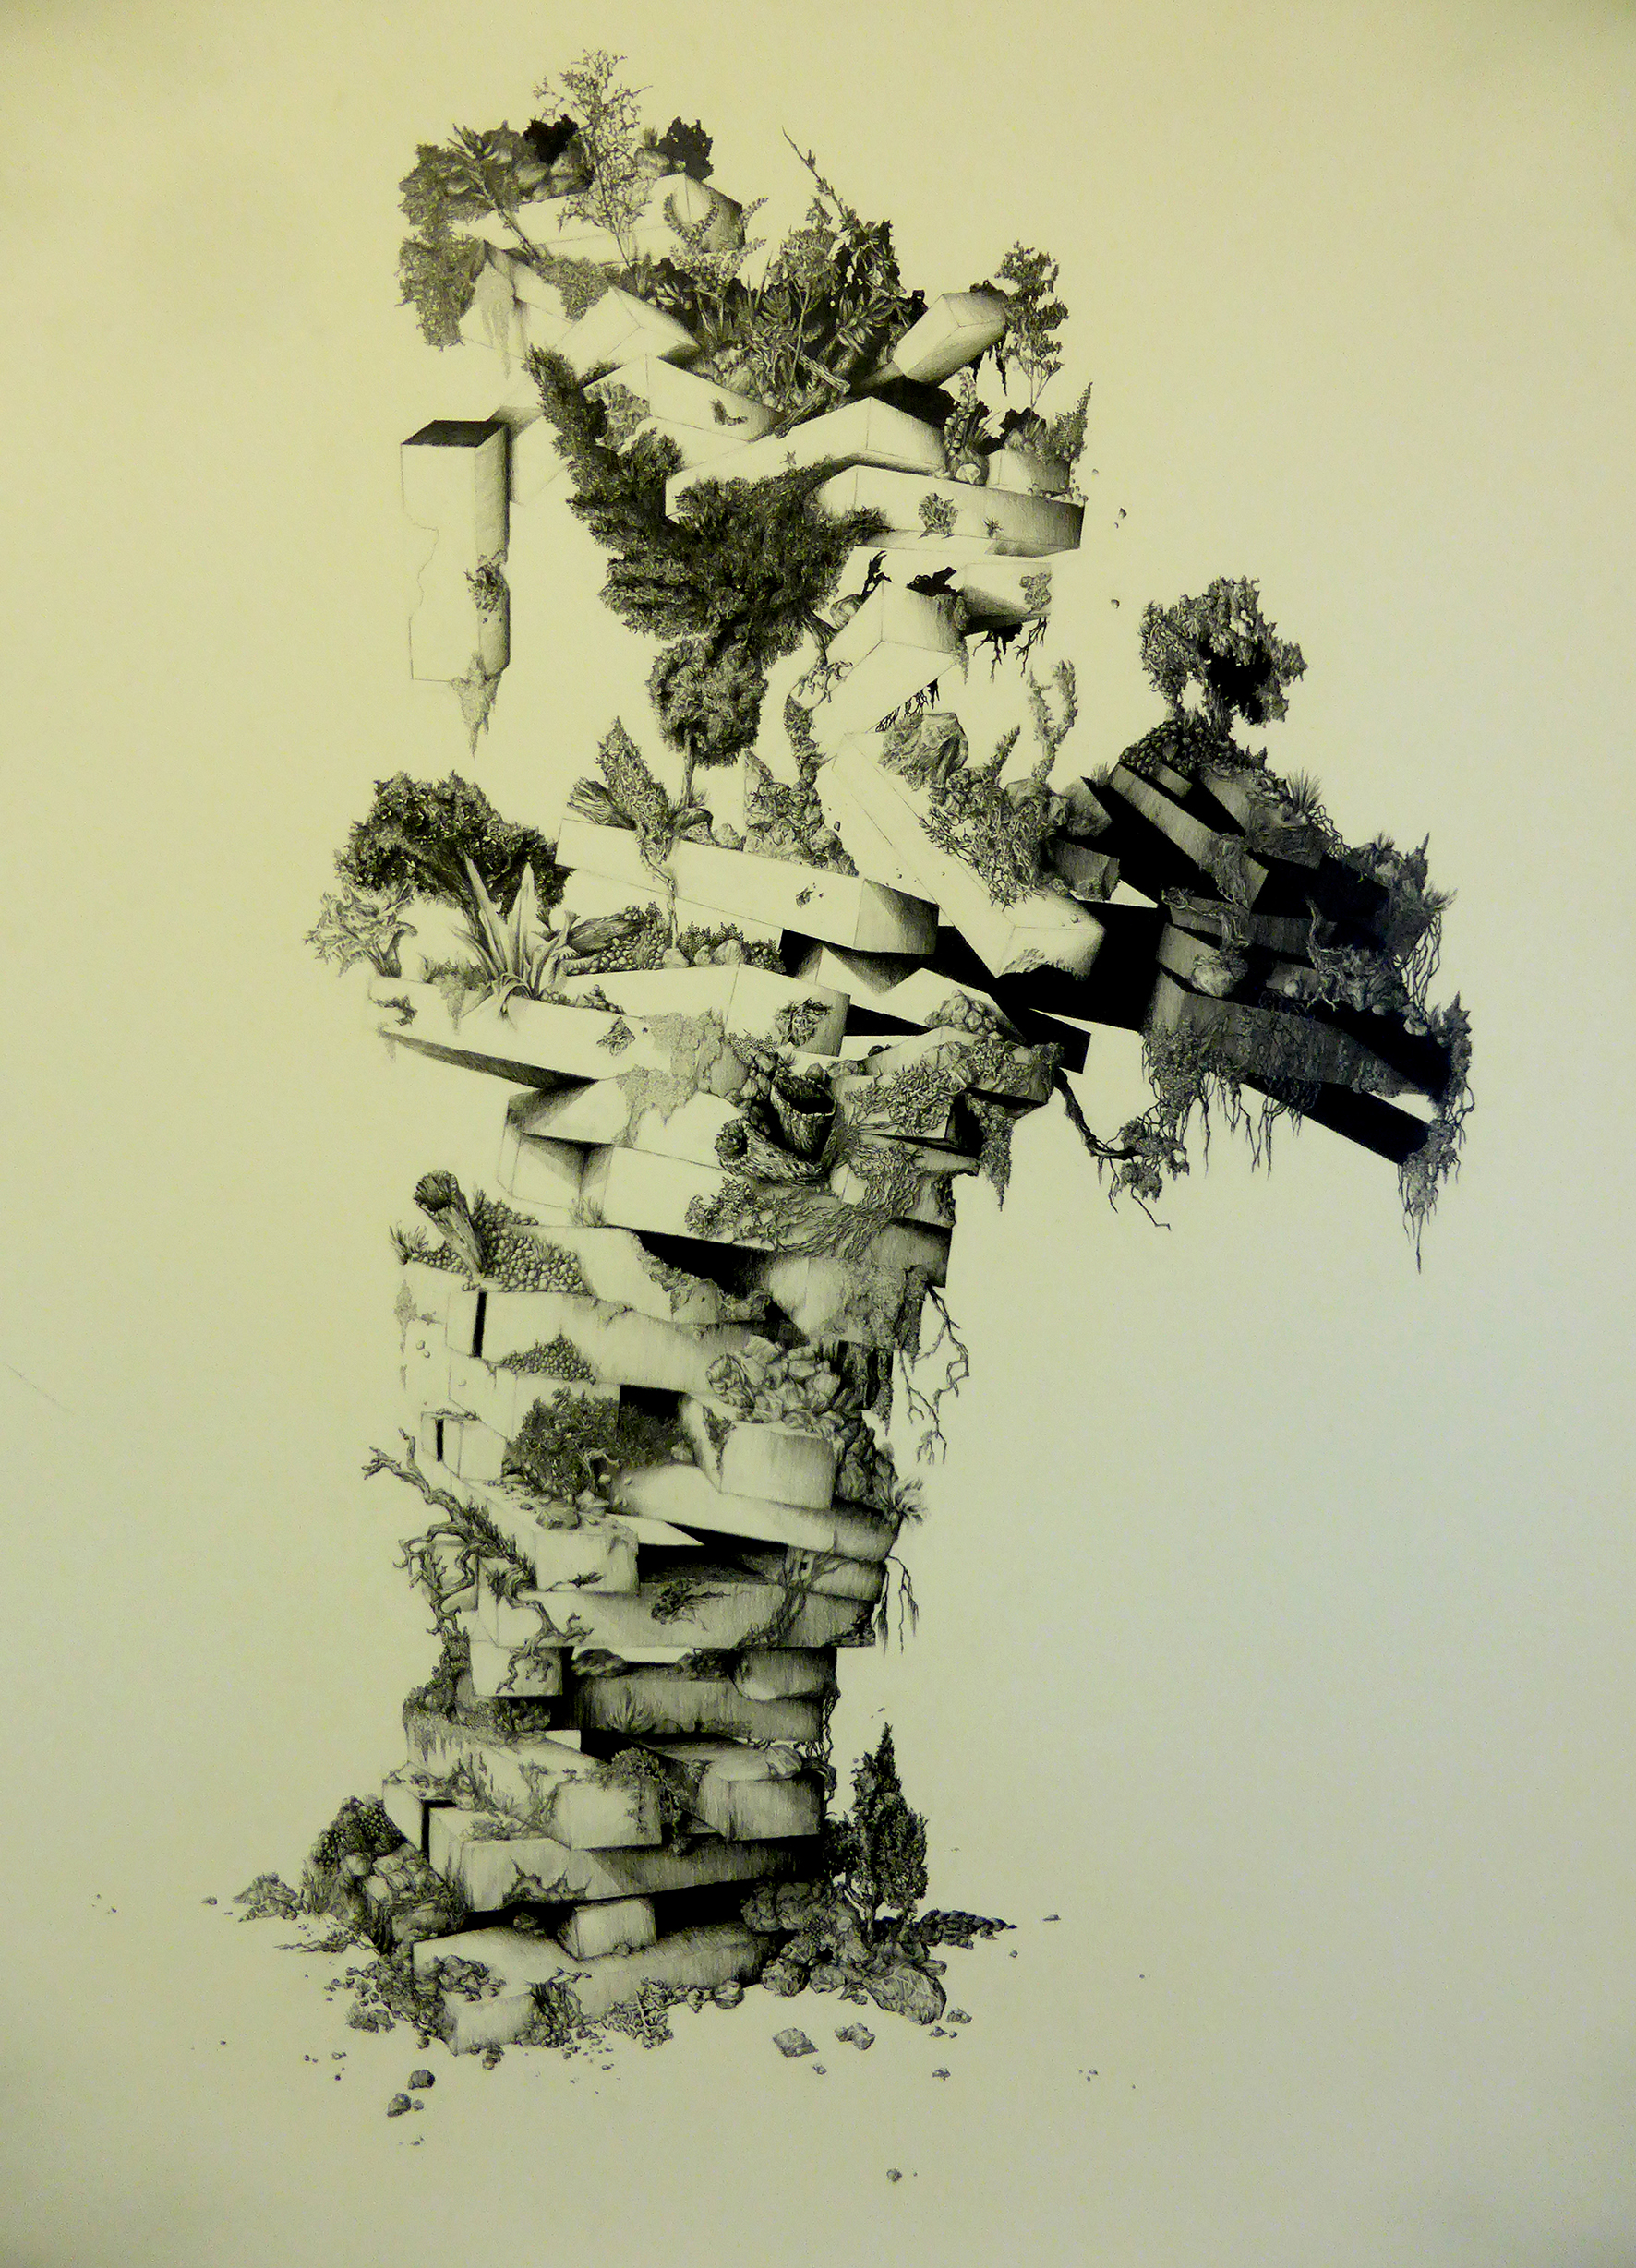 jumanji-1-graphite-sur-papier-101-x-140-cm-2016